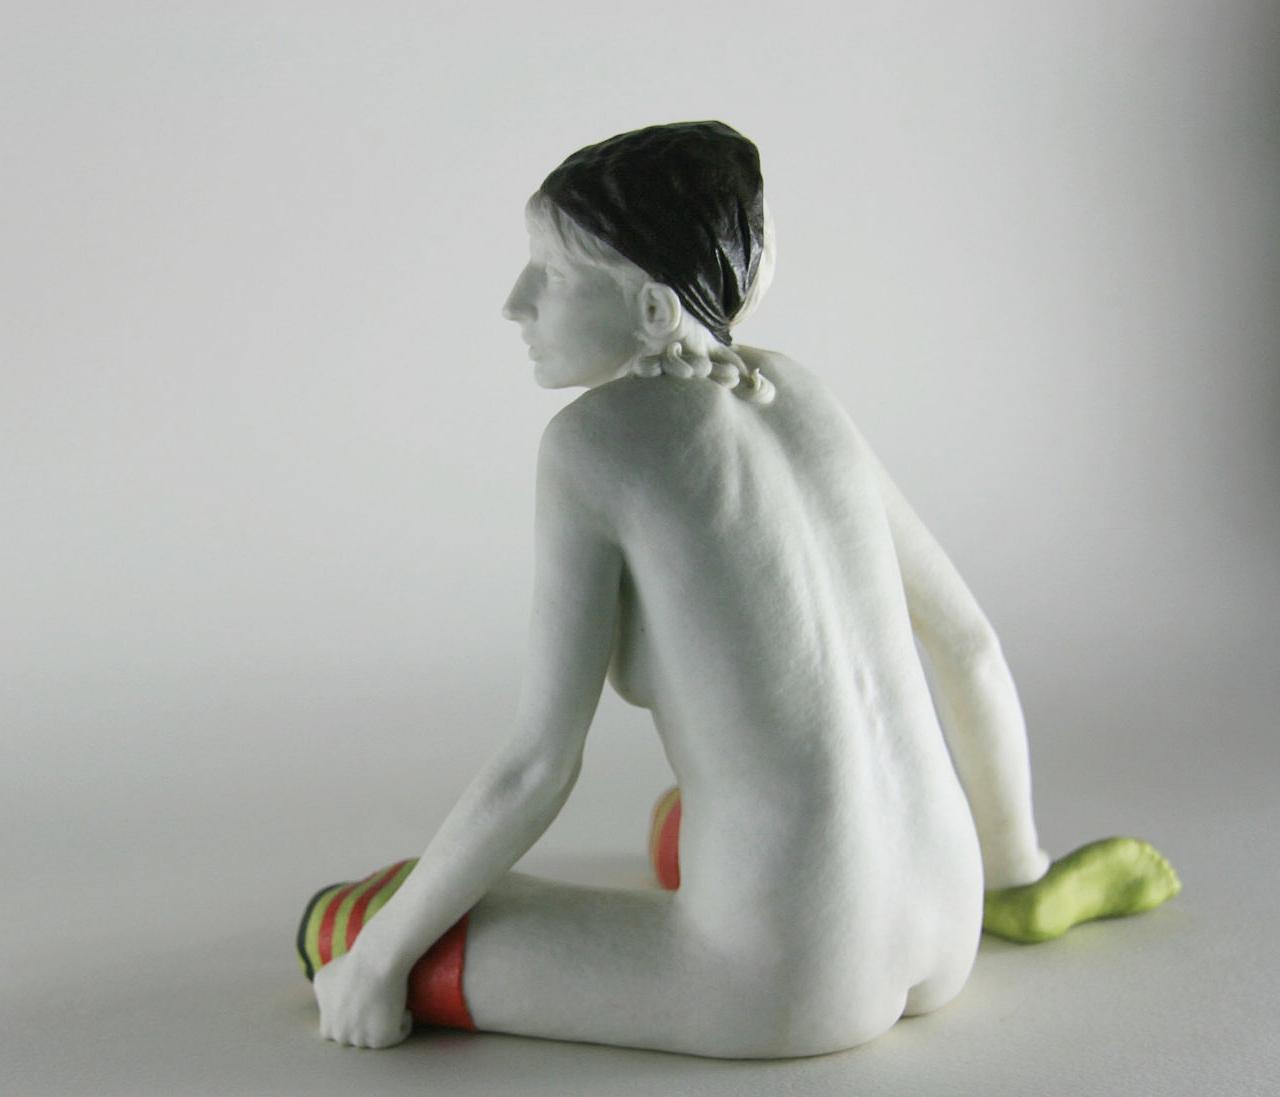 Jane Laurie Enamelled Porcelain. 17 x 20 x 12cms. 1973.